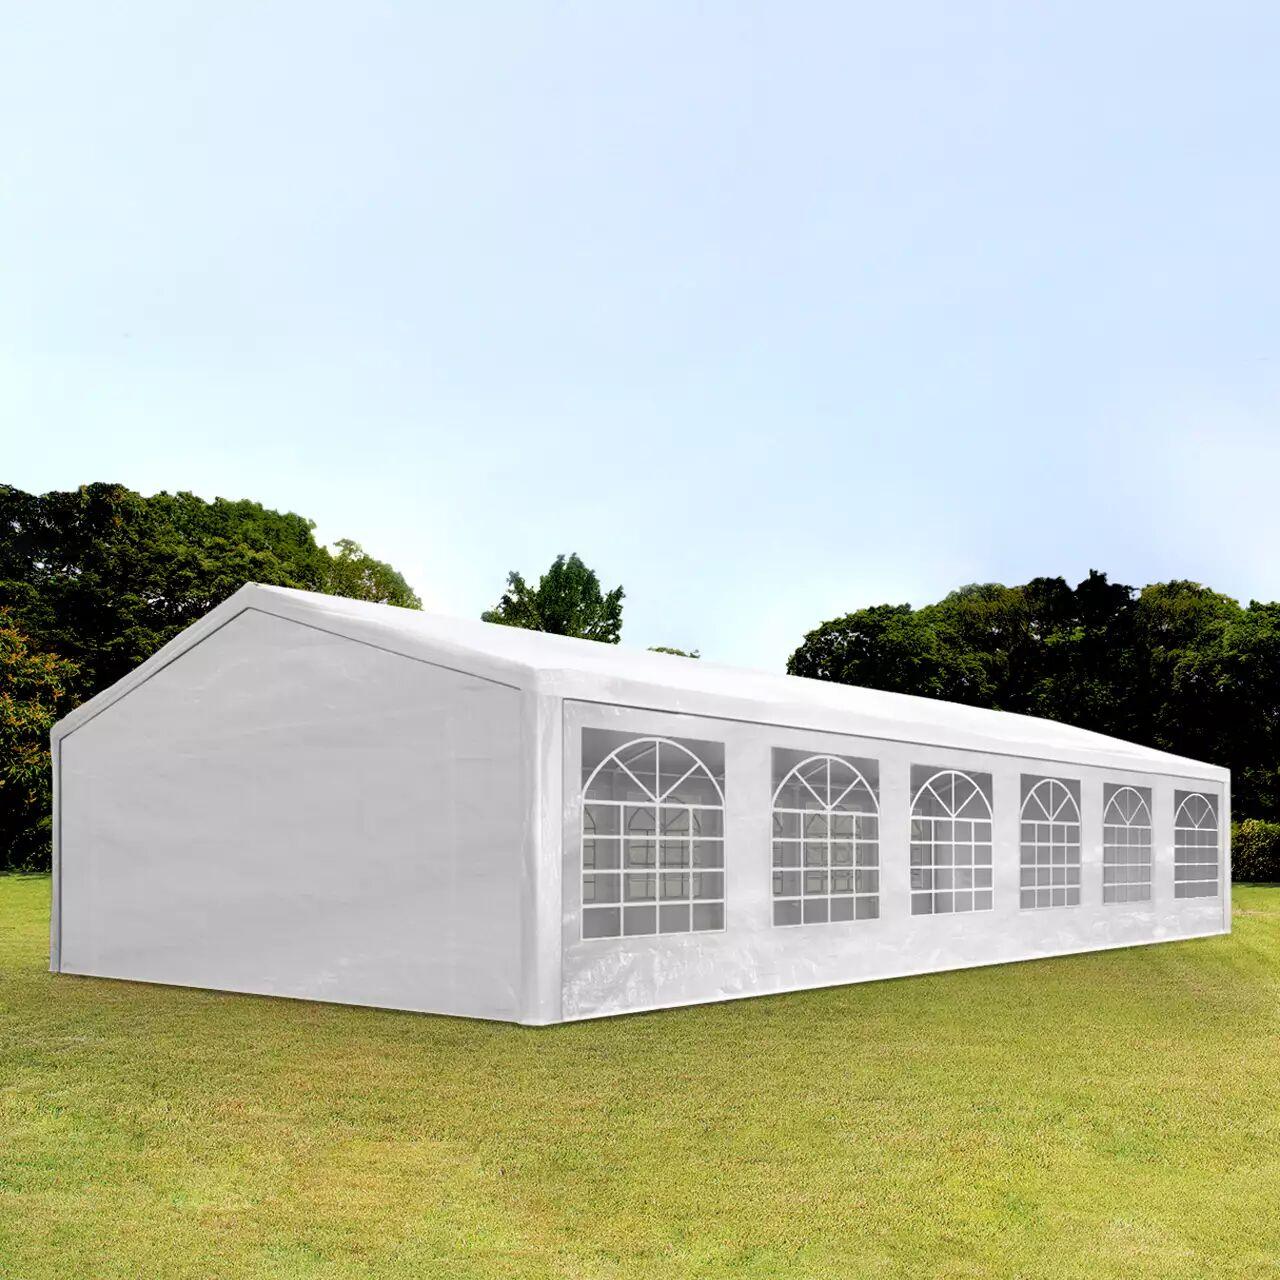 Intent24.fr Tente de réception 6x12m PE 180g/m² blanc imperméable barnum, chapiteau